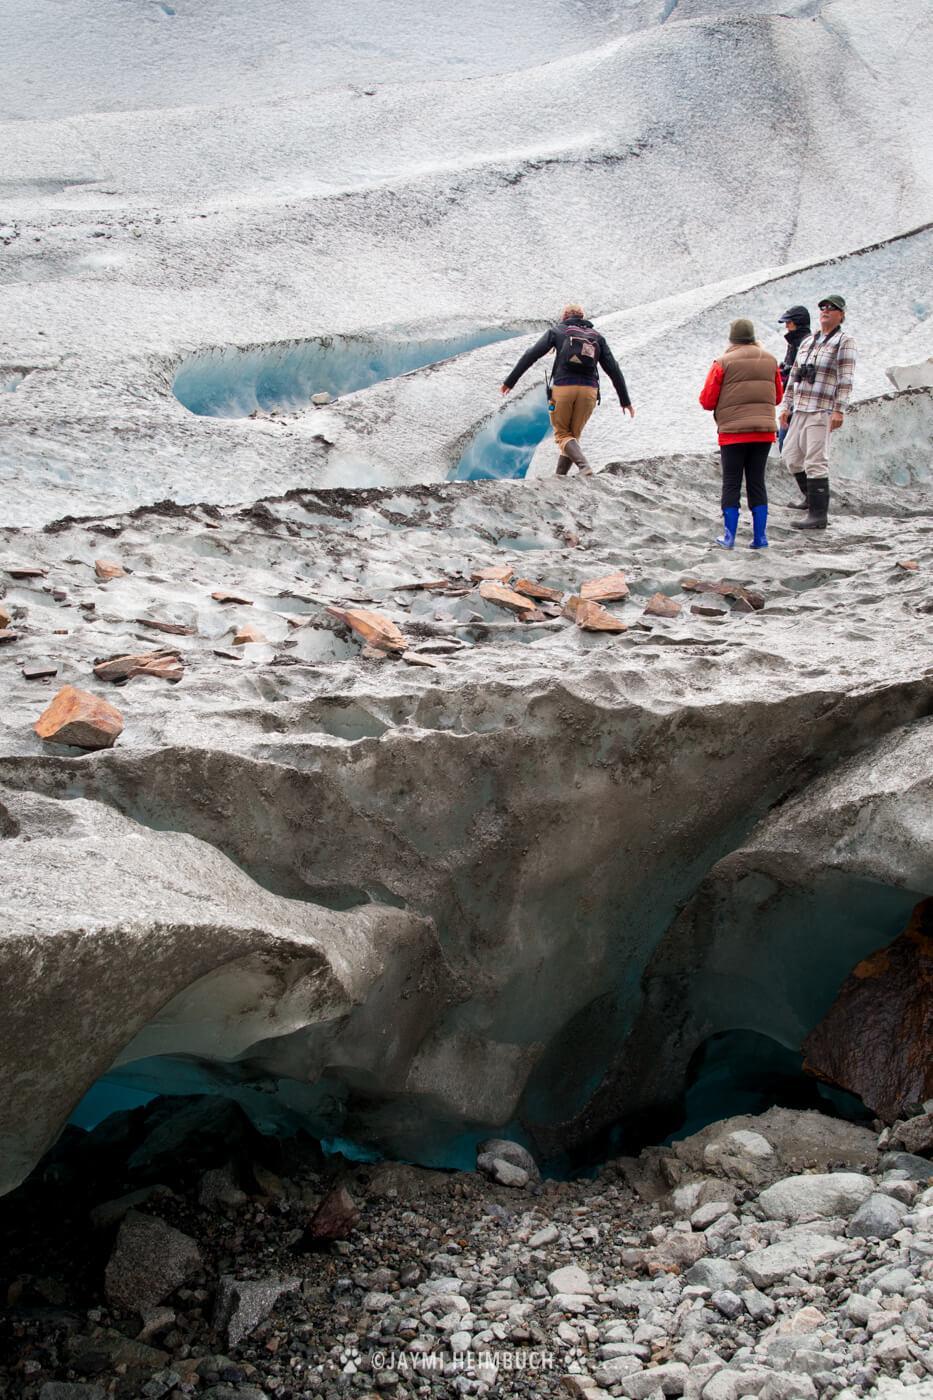 Trip participants explore Reid Glacier up close. © Jaymi Heimbuch